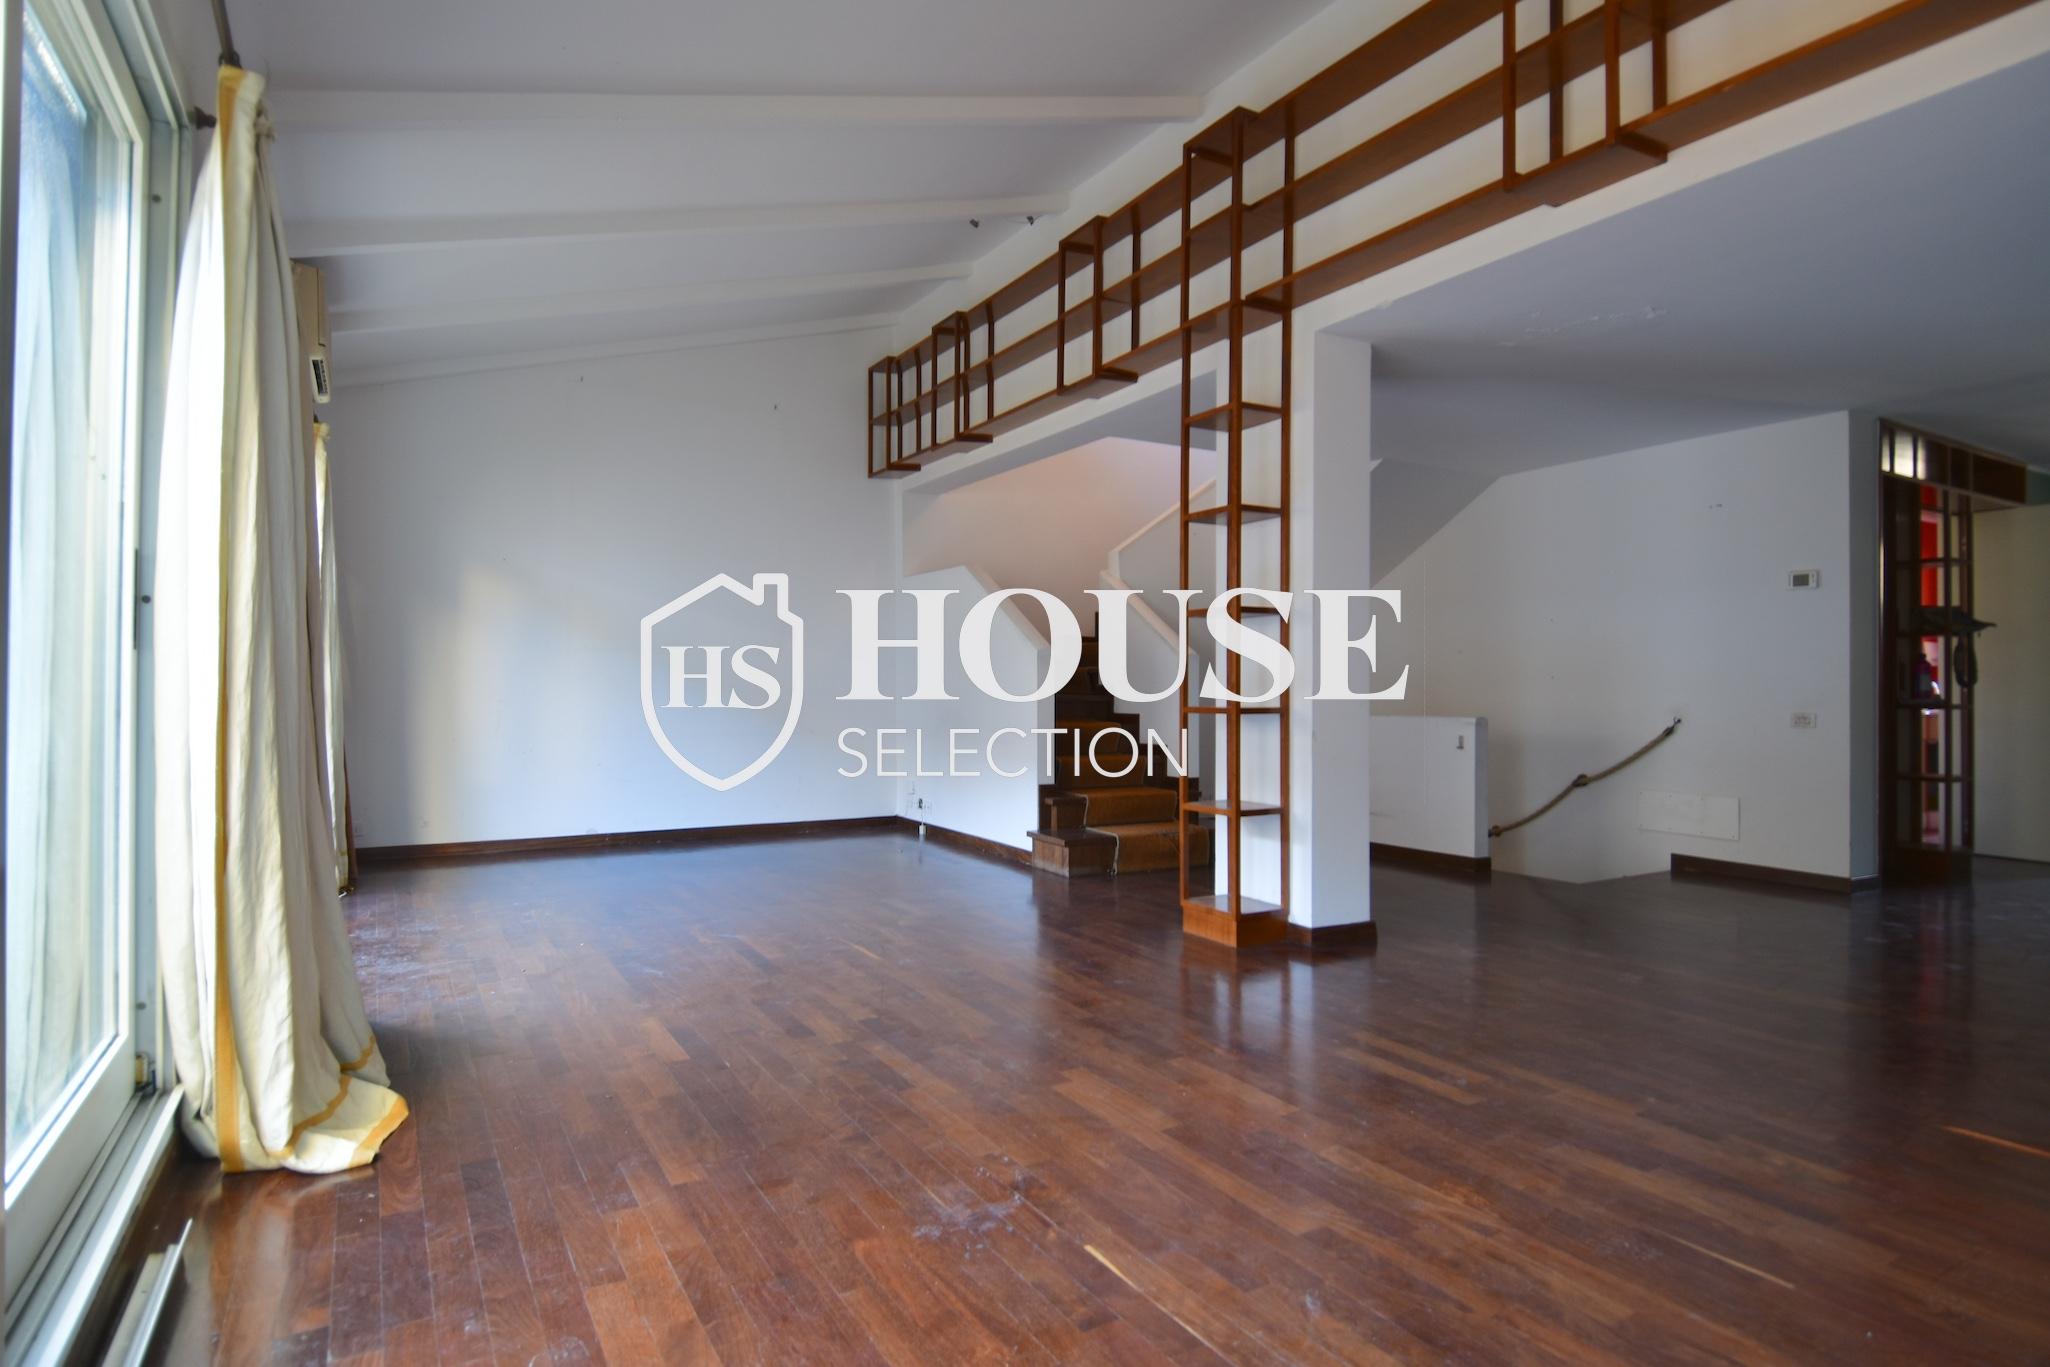 Affitto attico trilocale con terrazzino, via Archimede, tranquillo e luminoso, Milano 4